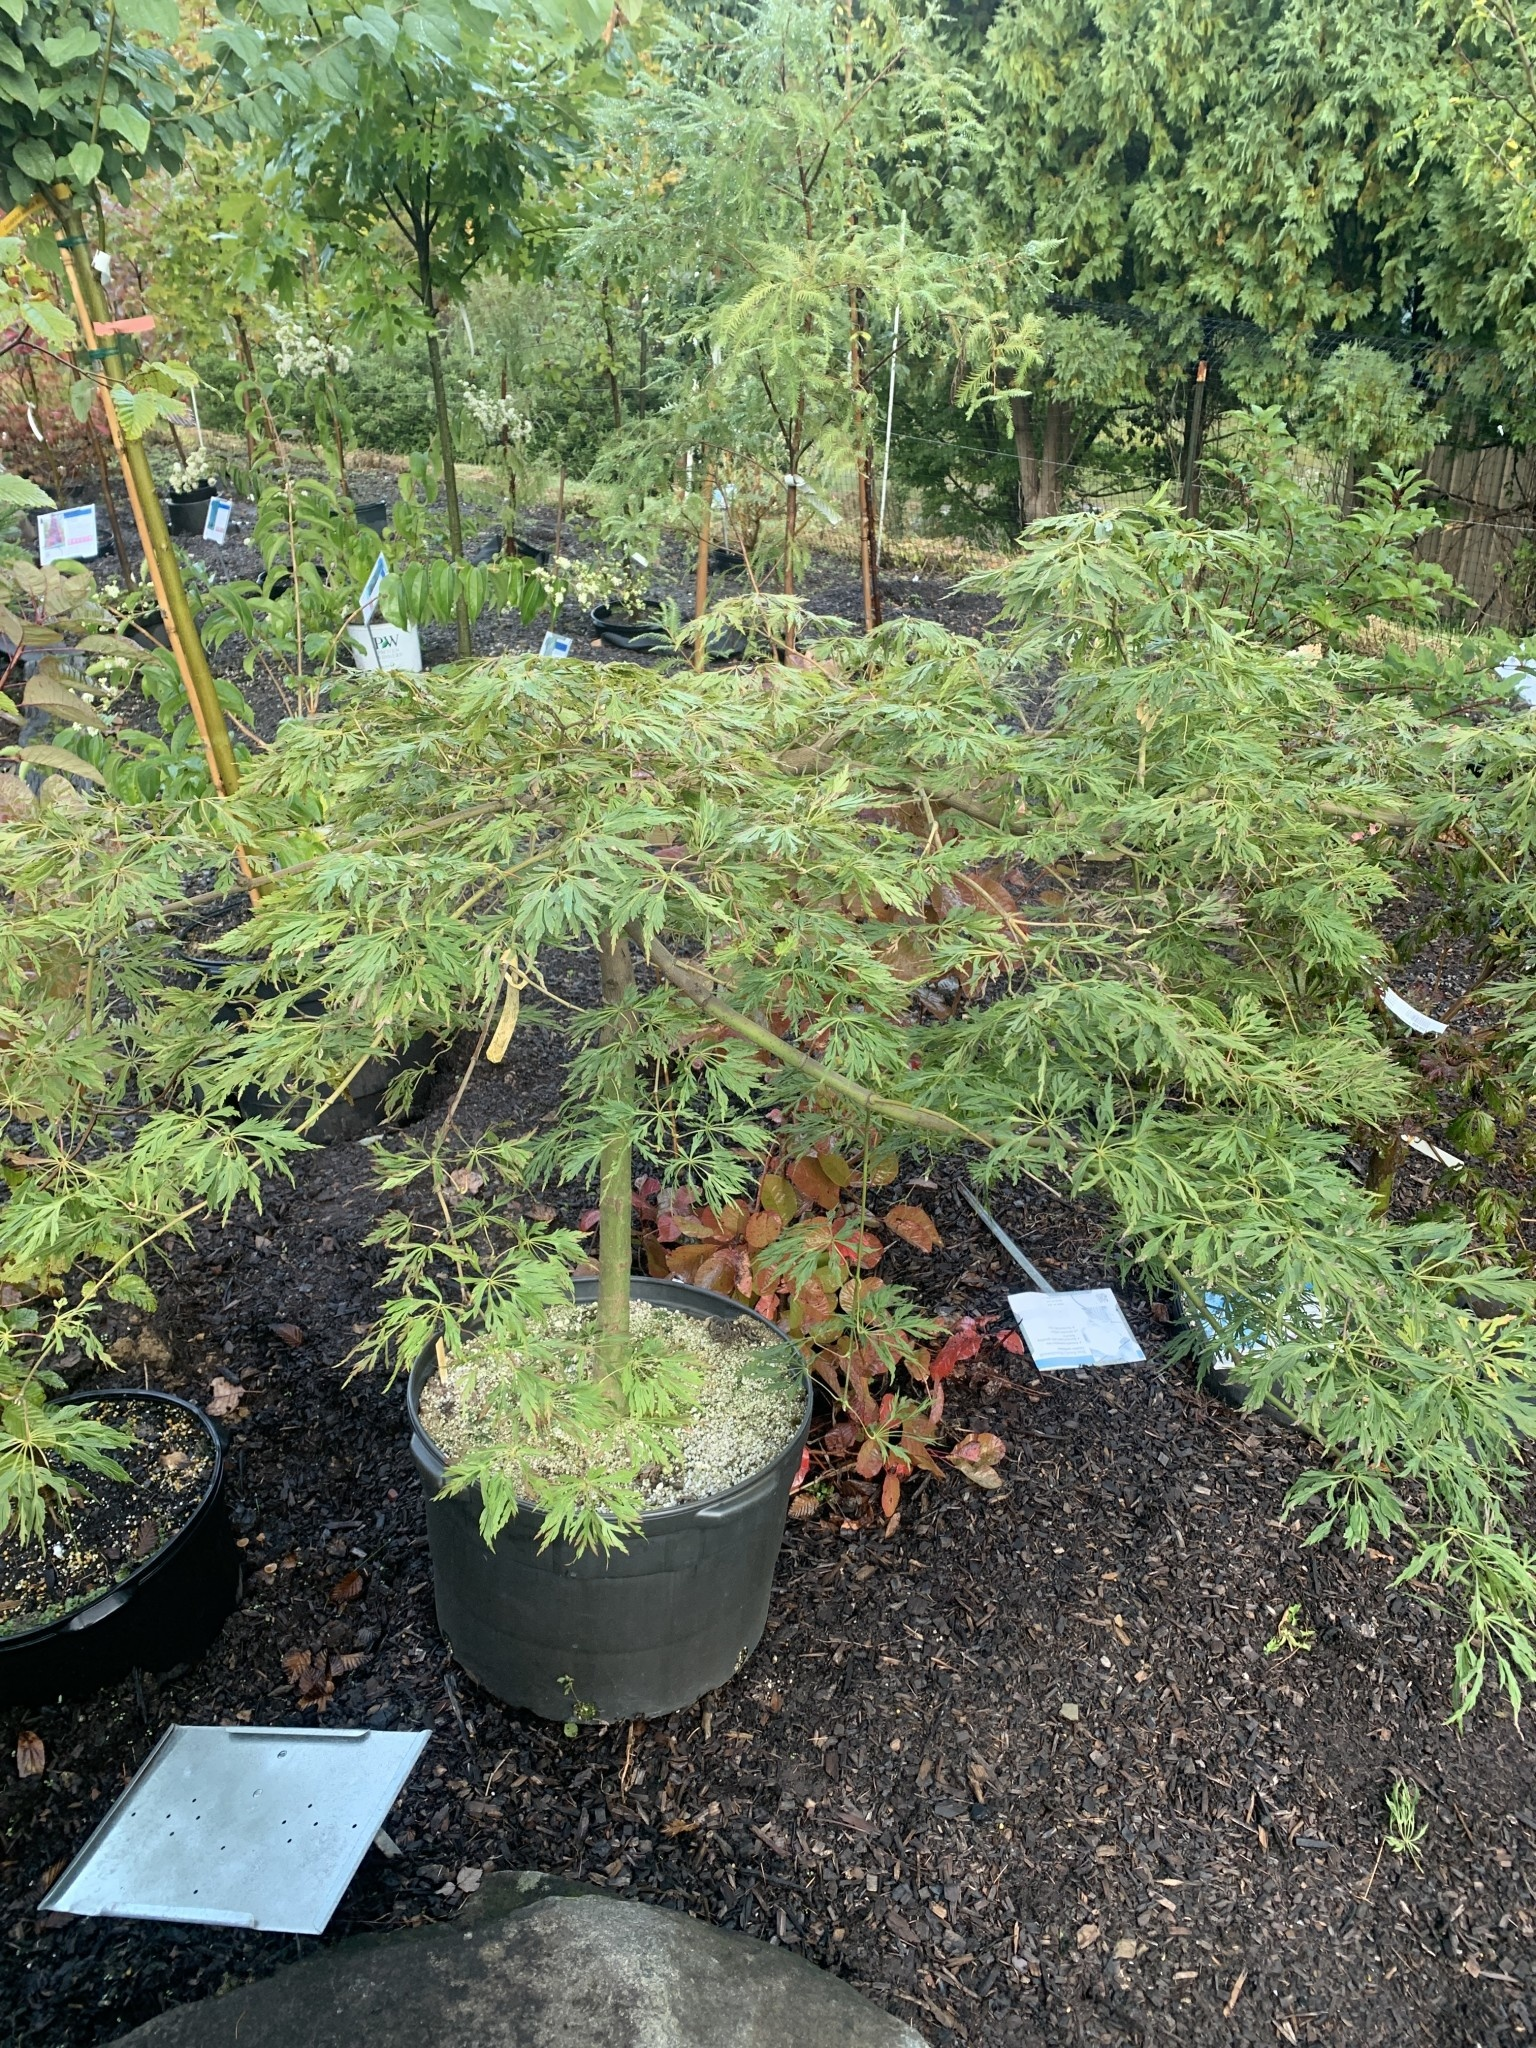 Acer japonicum Aconitifolium Green Cascade Maple - Full Moon, #10